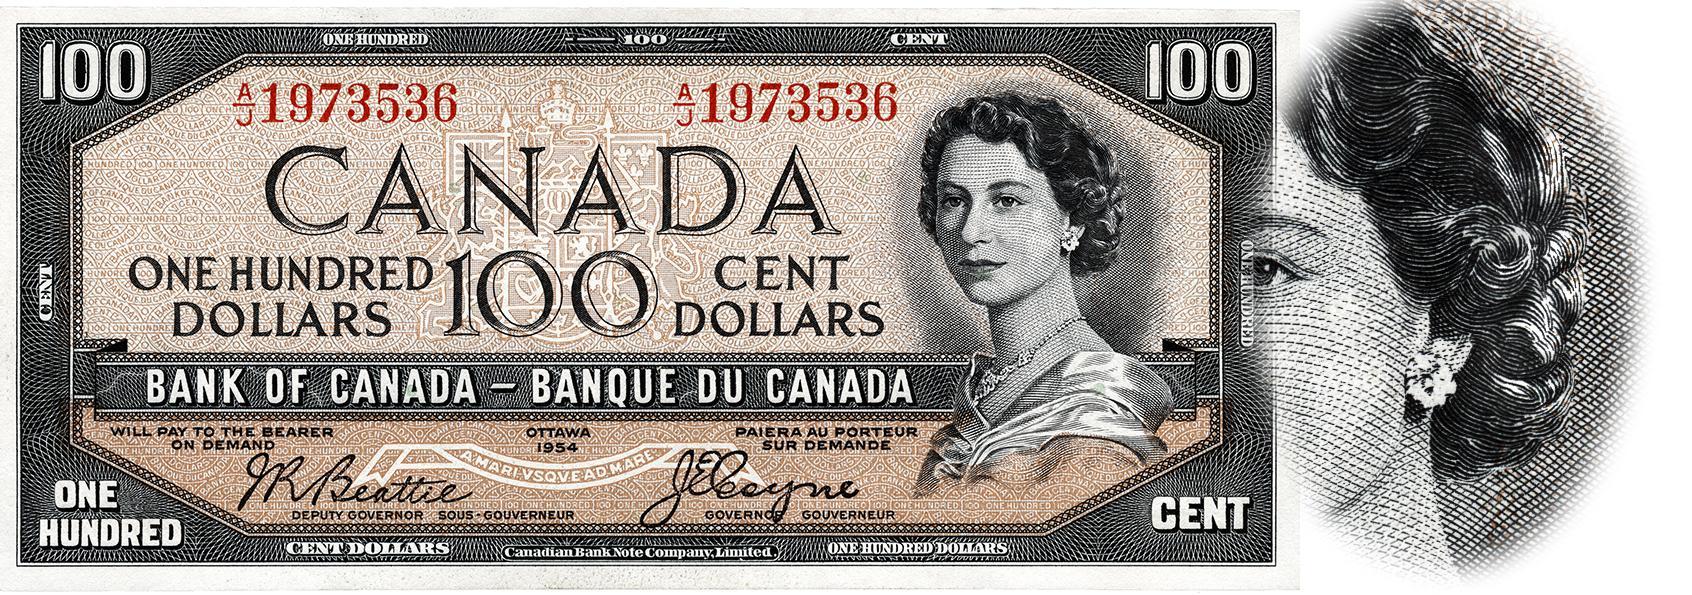 un billet canadien de 100 $ de 1955 ainsi qu'un agrandissement de la face de diable dans la chevelure de la reine